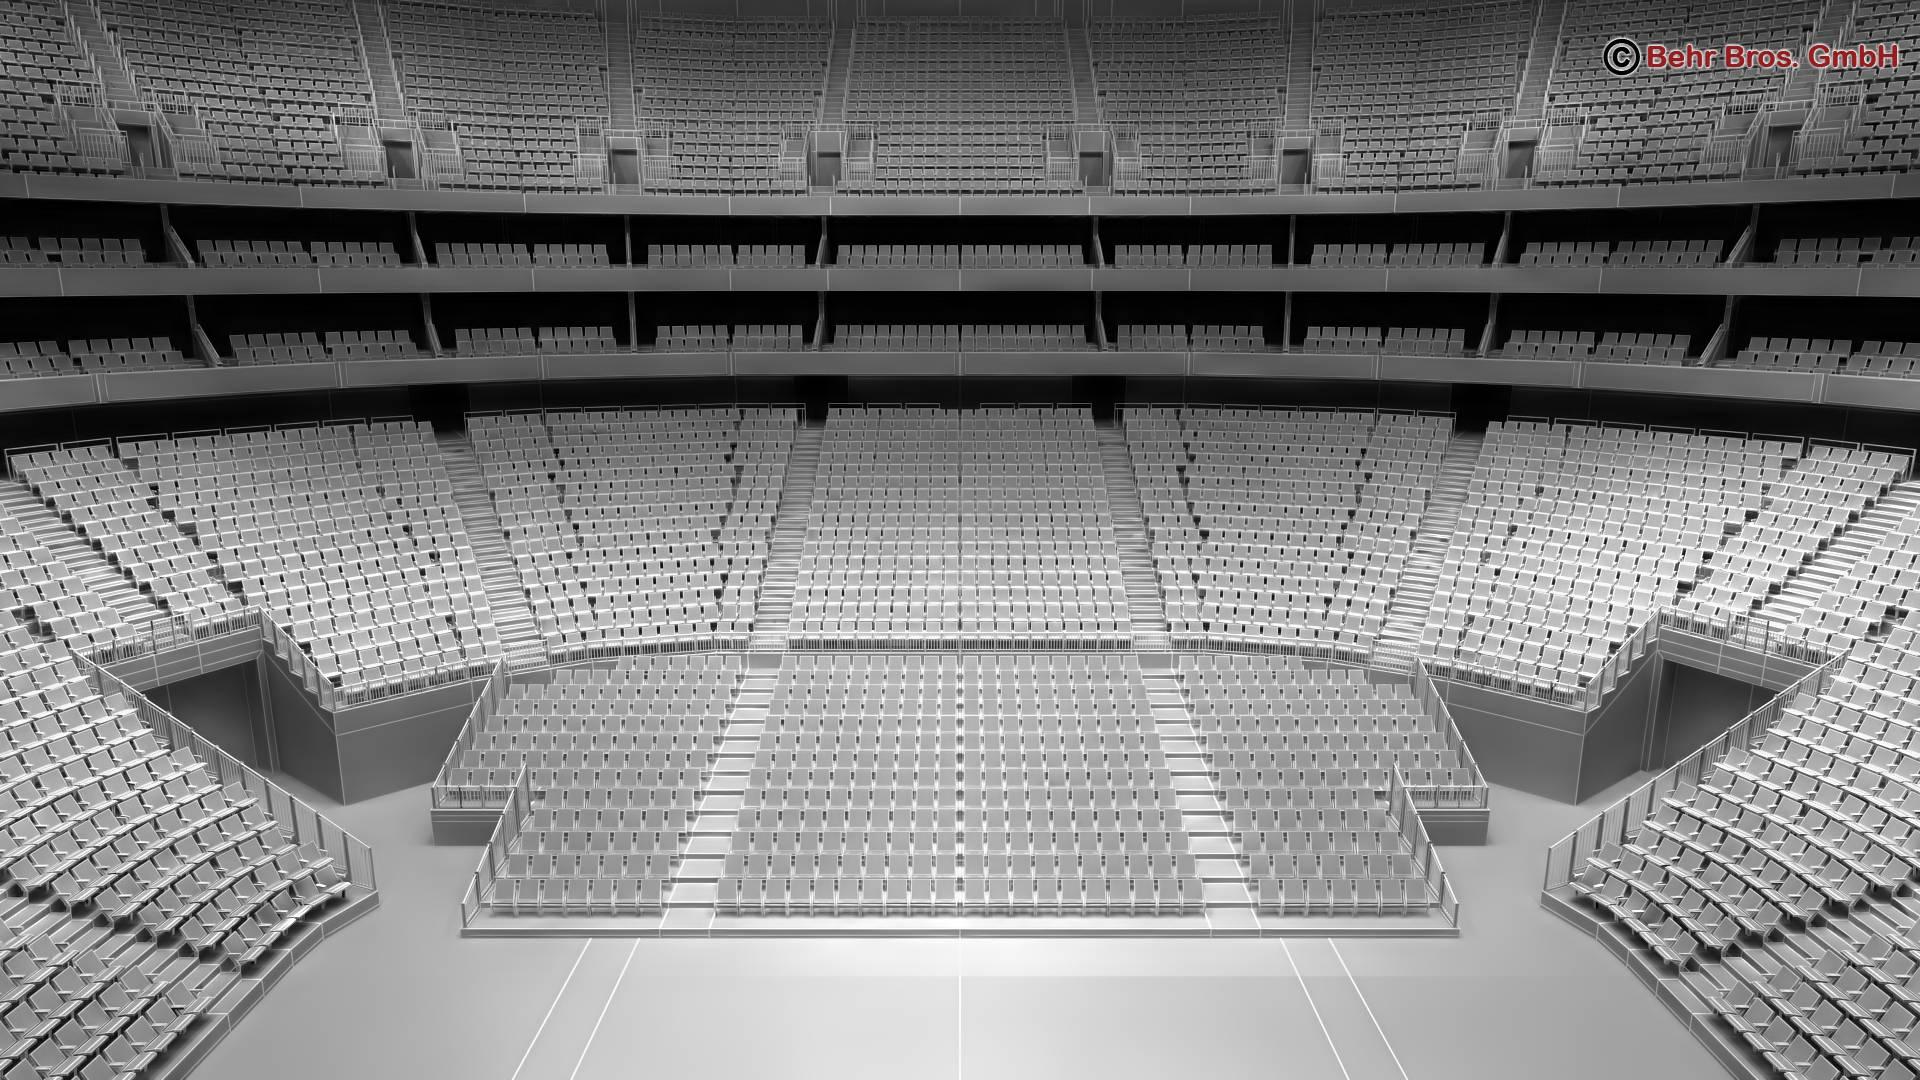 arena pêl-fasged v2 model 3d 3ds max fbx c4d am fwy o wybodaeth 222380